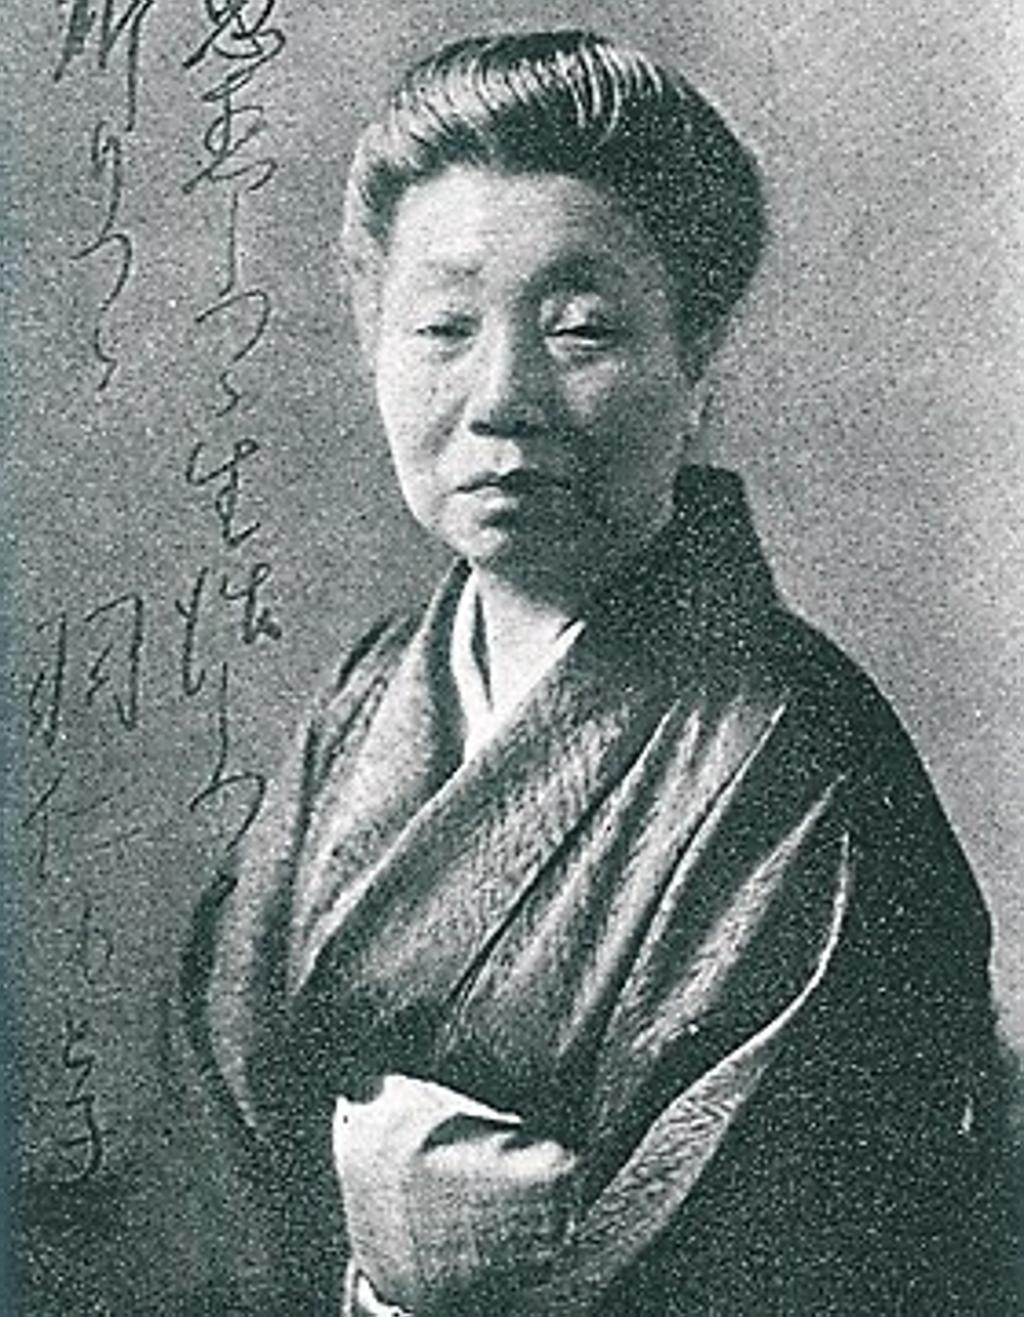 4_motoko_hani_1873-1957-kaib-u11011699444590sre-1024x1317_lastampa_it.jpg